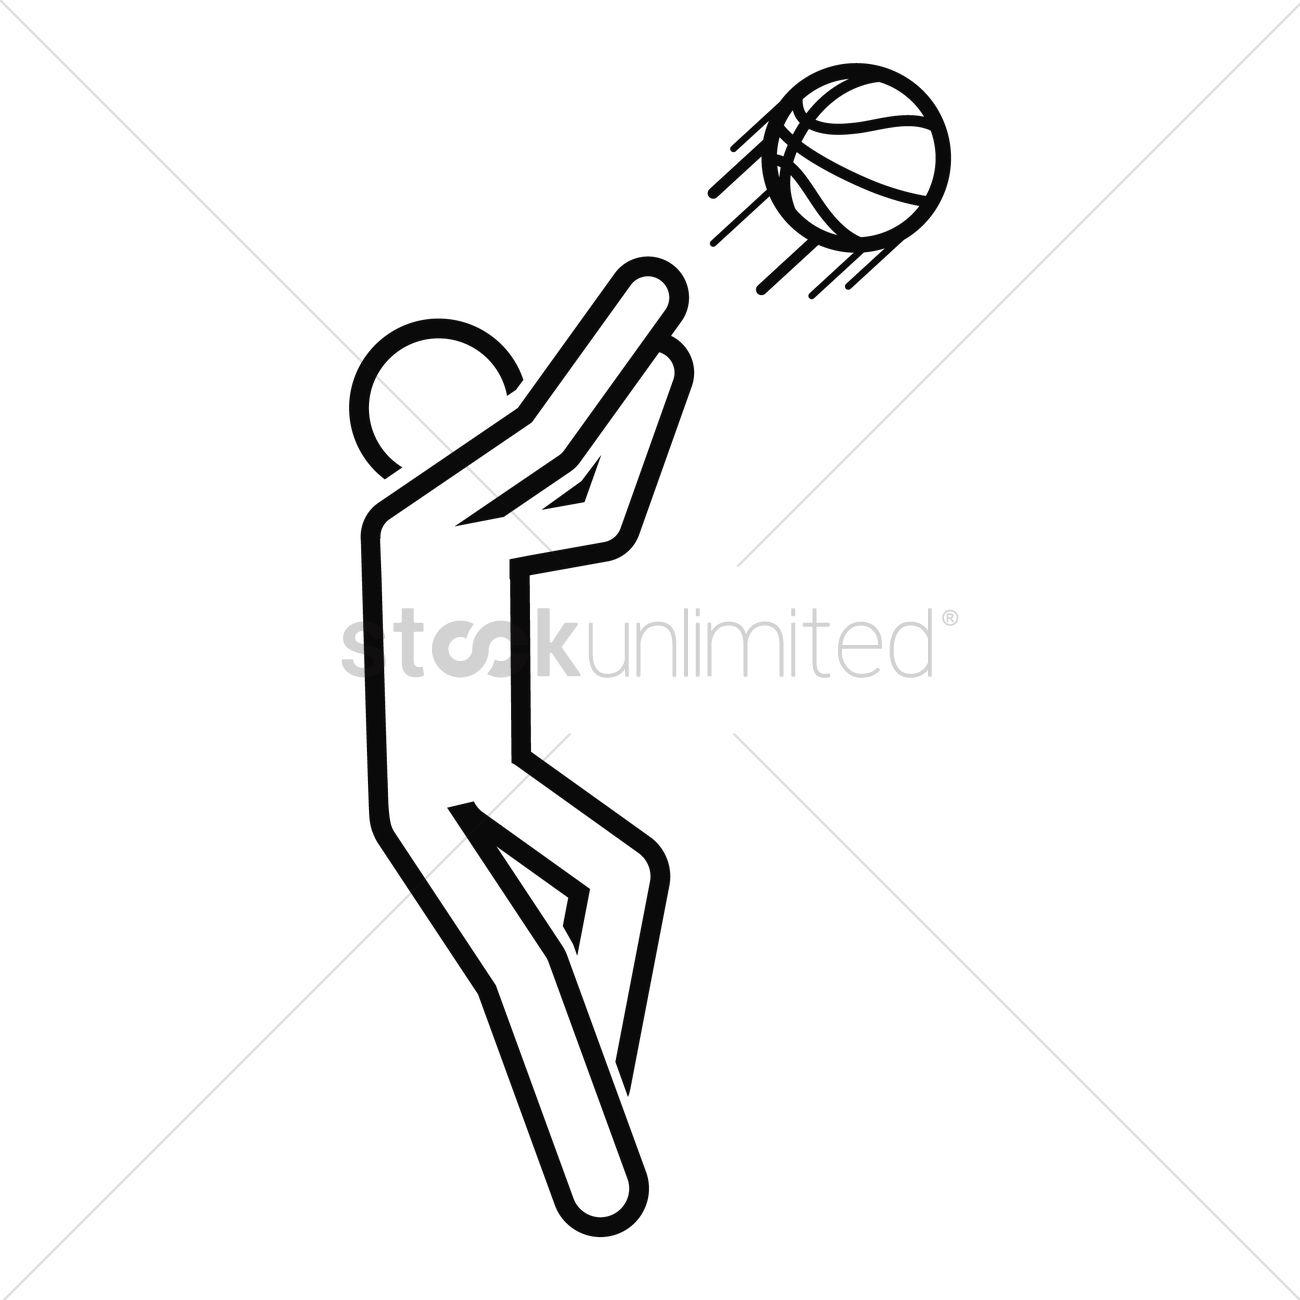 1300x1300 Basketball Player Vector Image